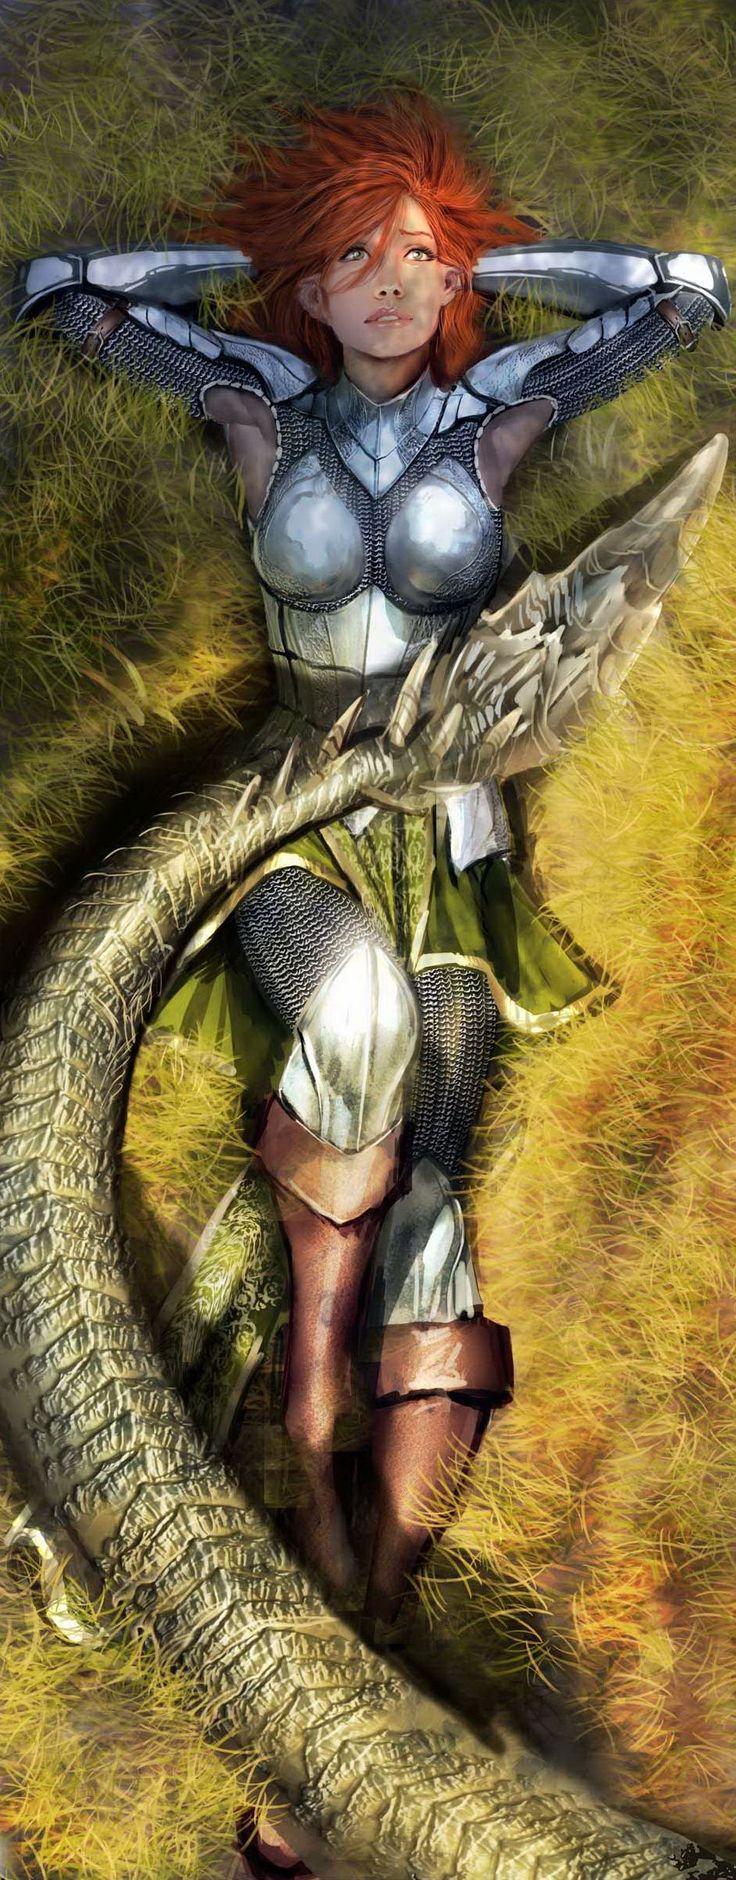 """Mujer-escudo: """"Sus dobles femeninos, espectros internos de su goce."""" Glorificación de la """"cosa""""."""